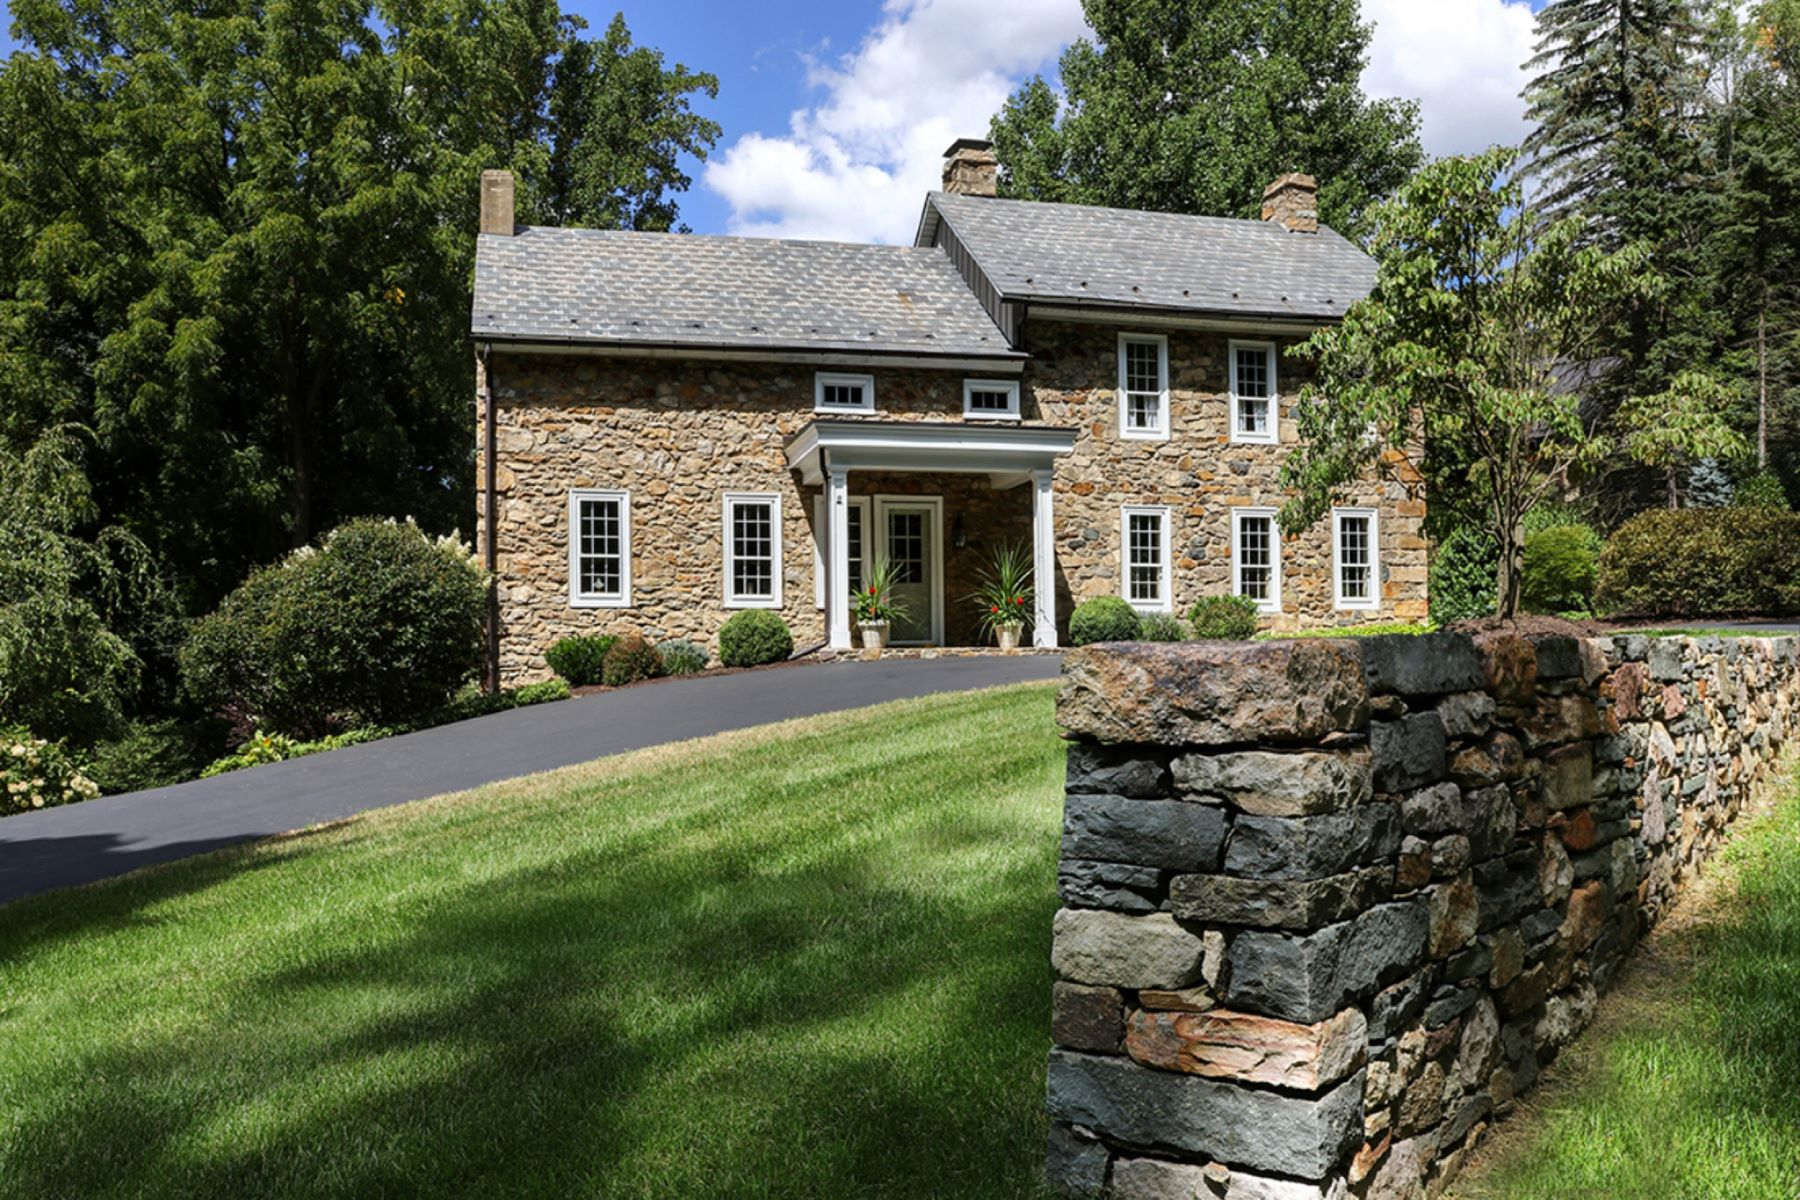 独户住宅 为 销售 在 Brookside Farm 2807 WASSERGASS RD Hellertown, 18055 美国